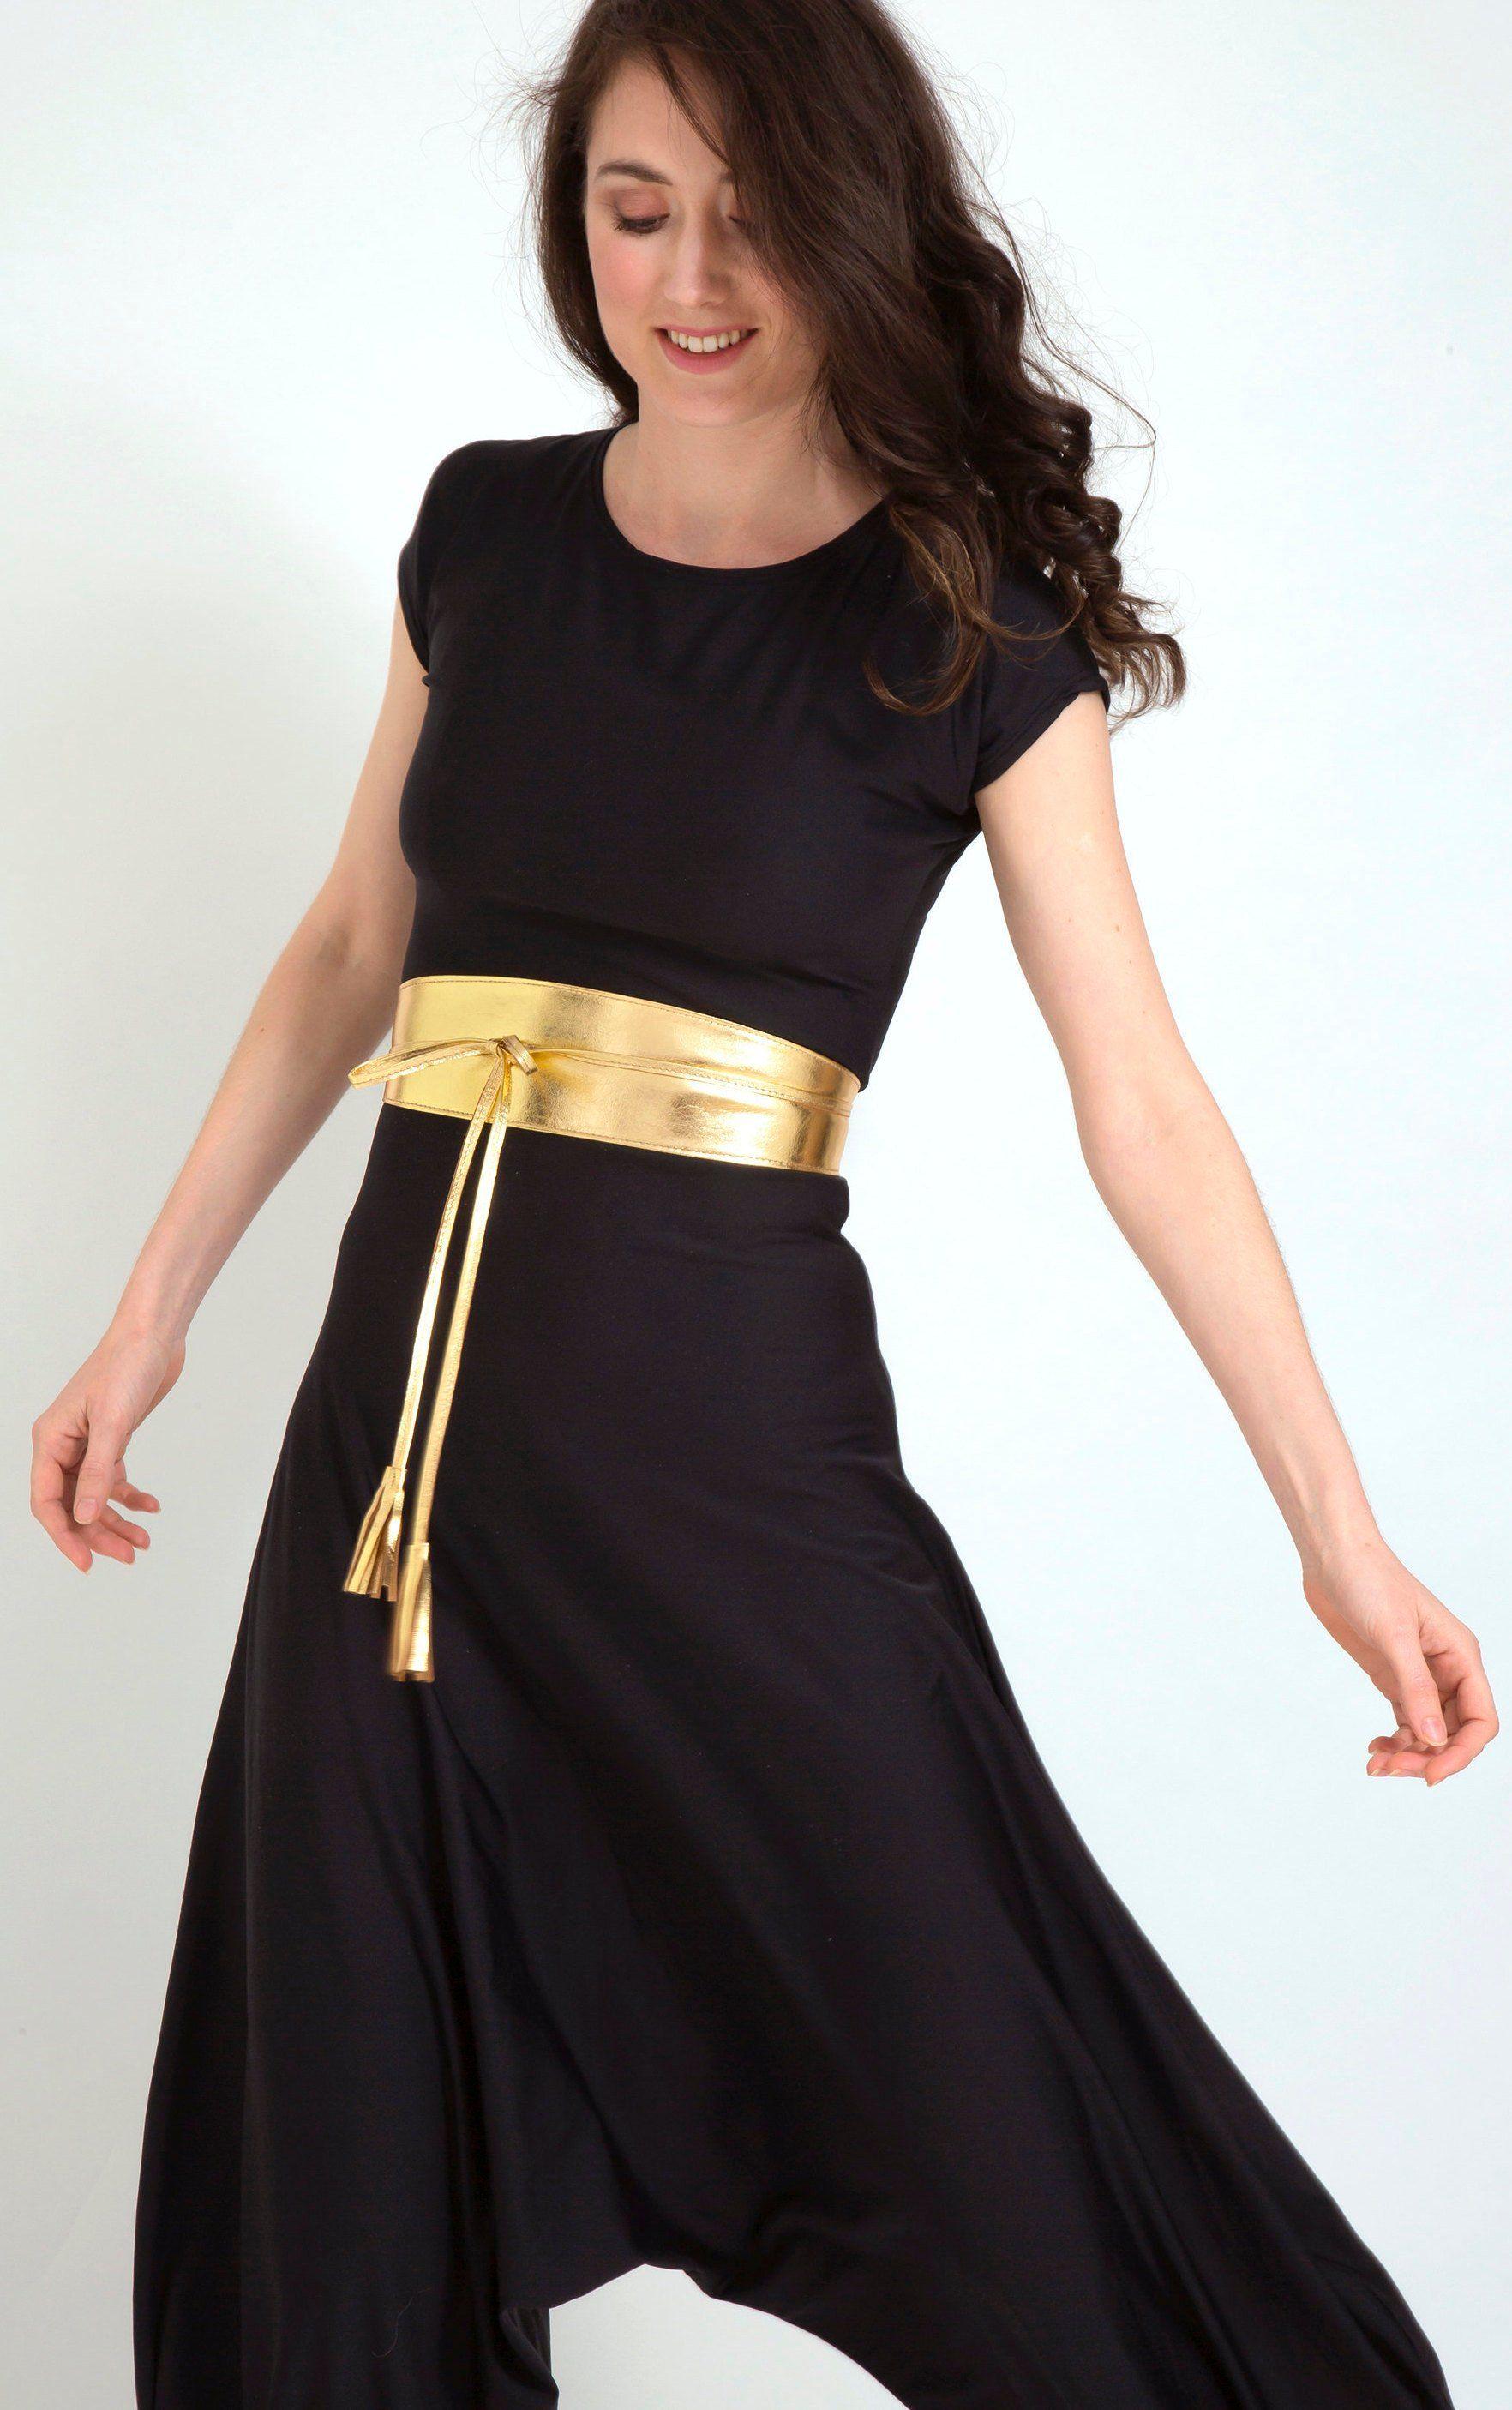 Gold belt for dress, gold waist belt, metallic leather belt